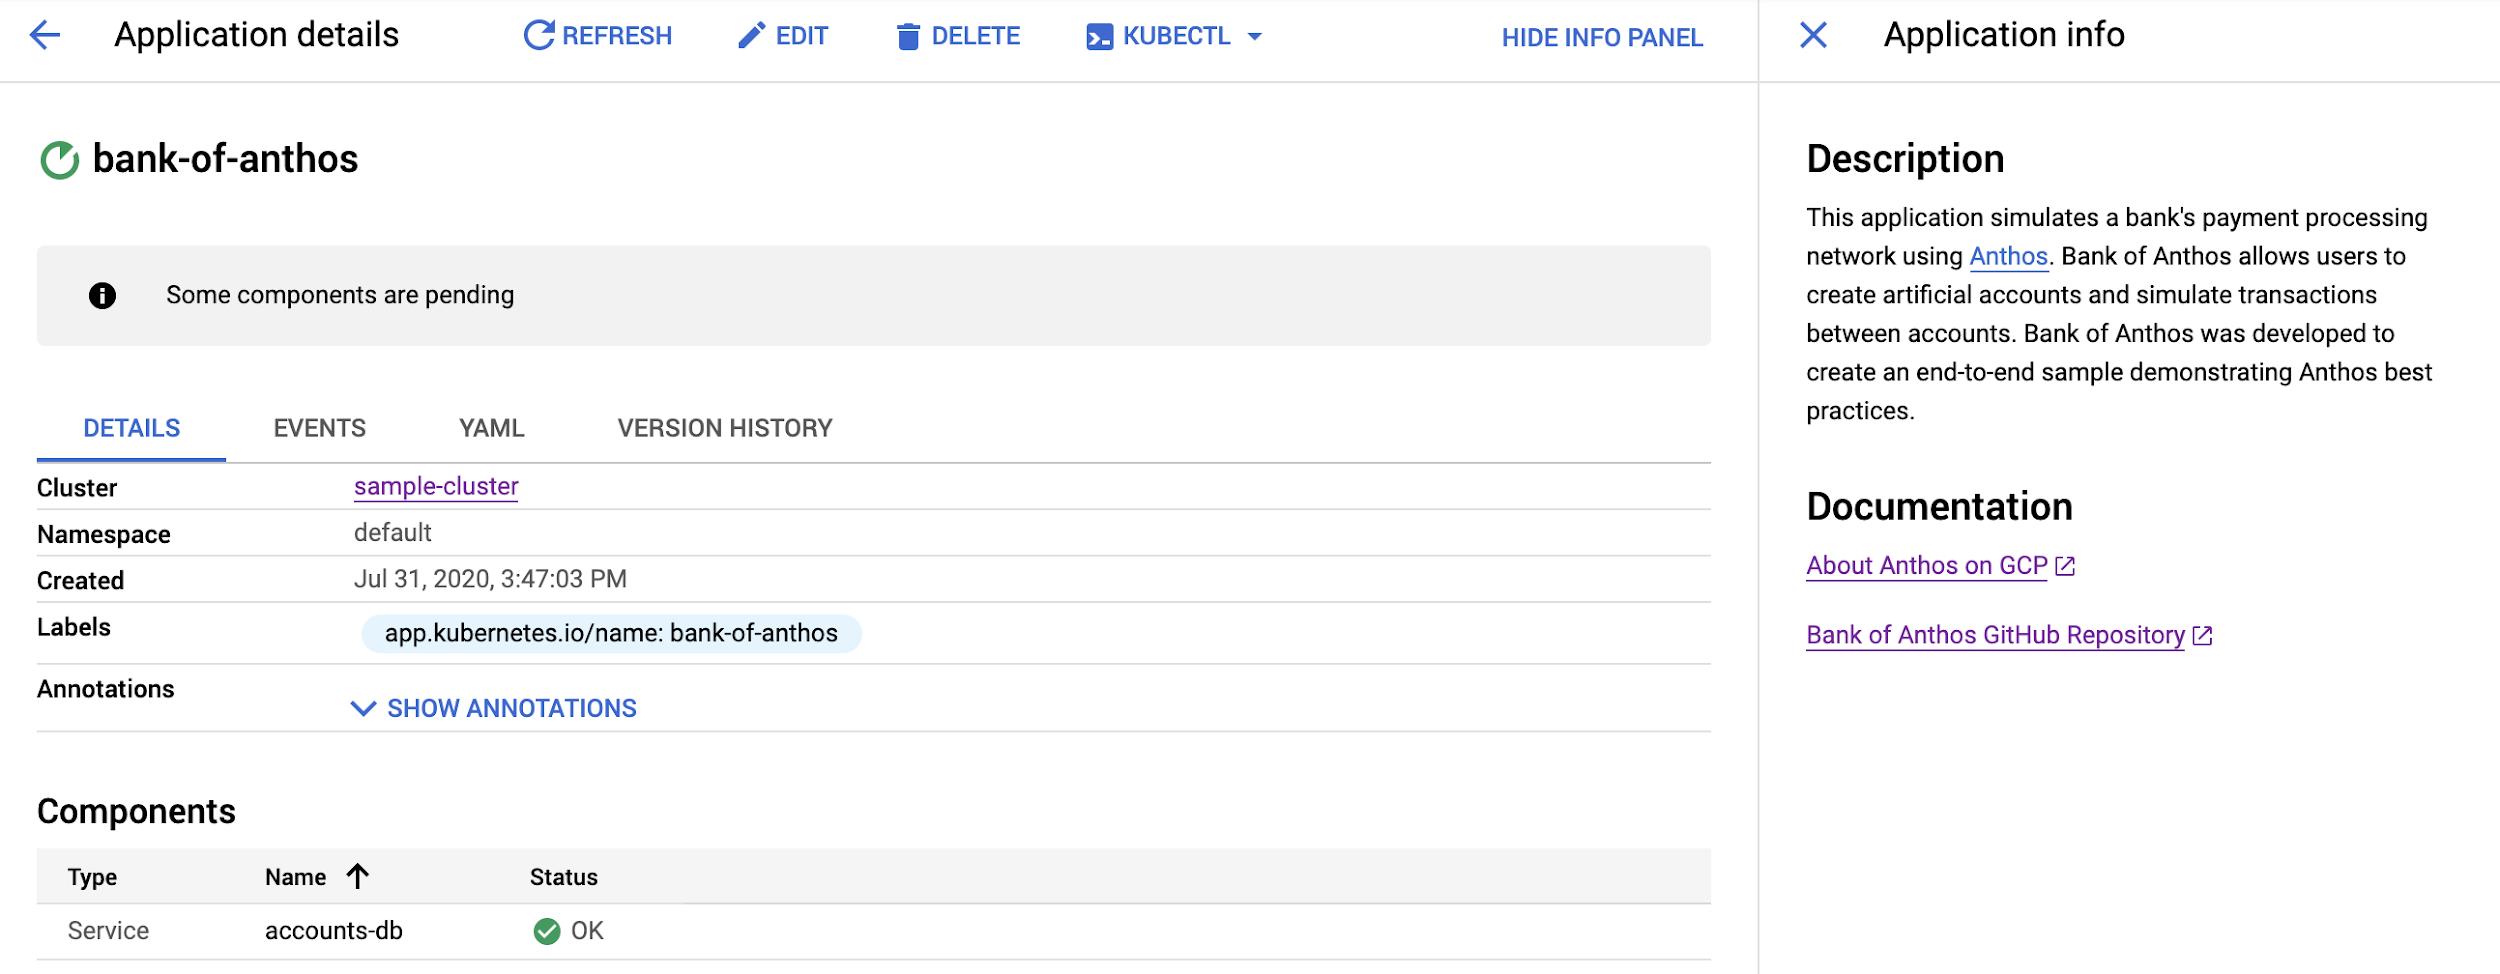 Die Dokumente in der Liste sind als Hyperlink formatiert.